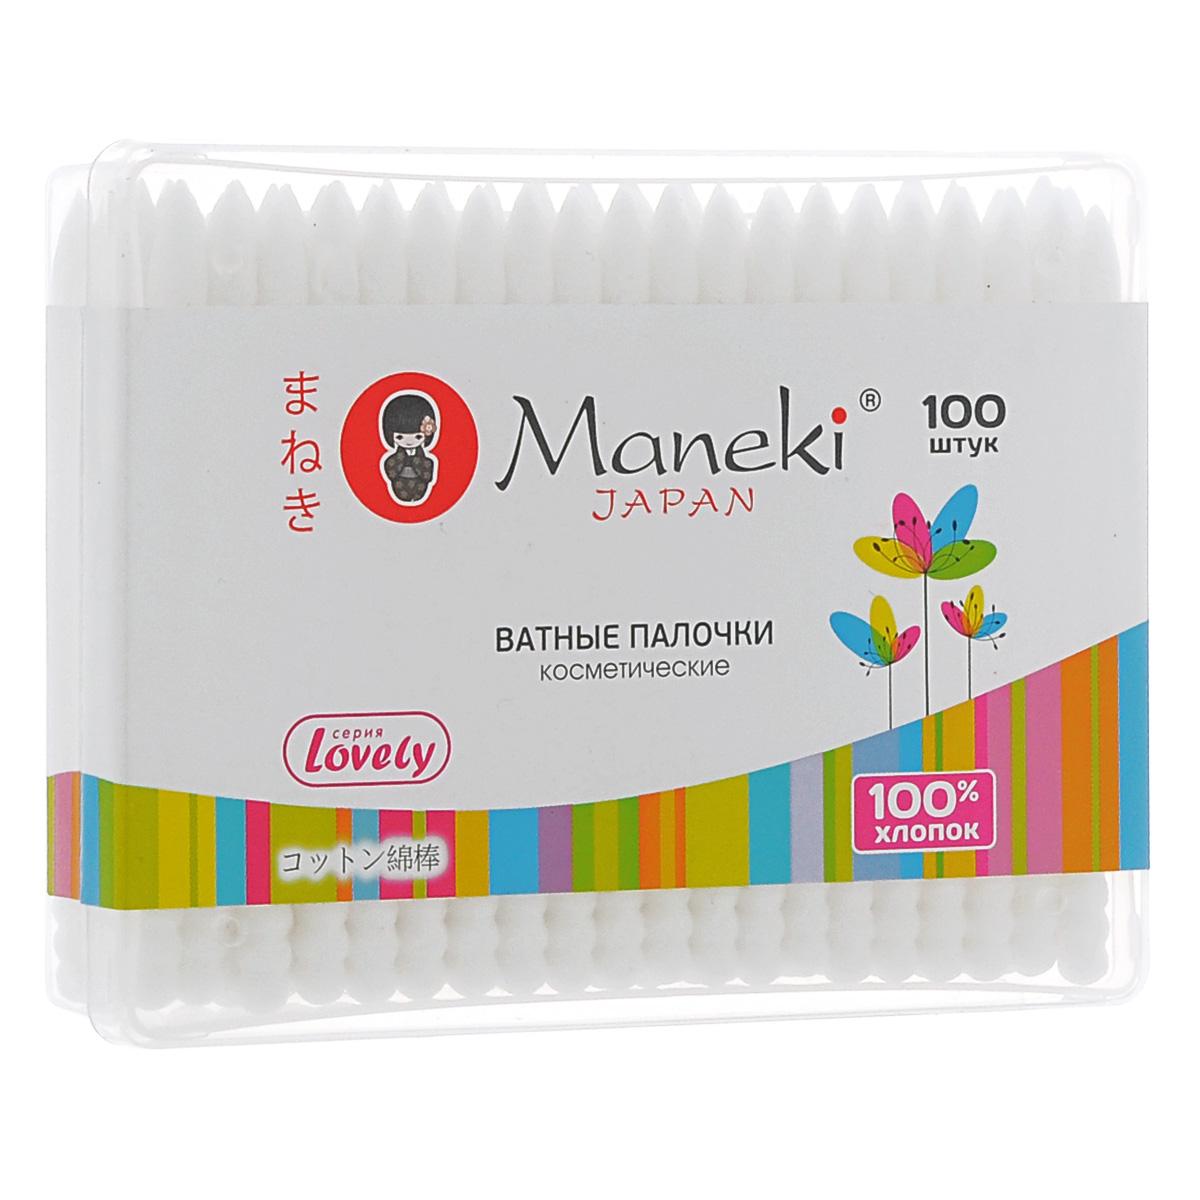 Maneki Палочки ватные косметические Lovely, с белым пластиковым стиком, 100 шт.